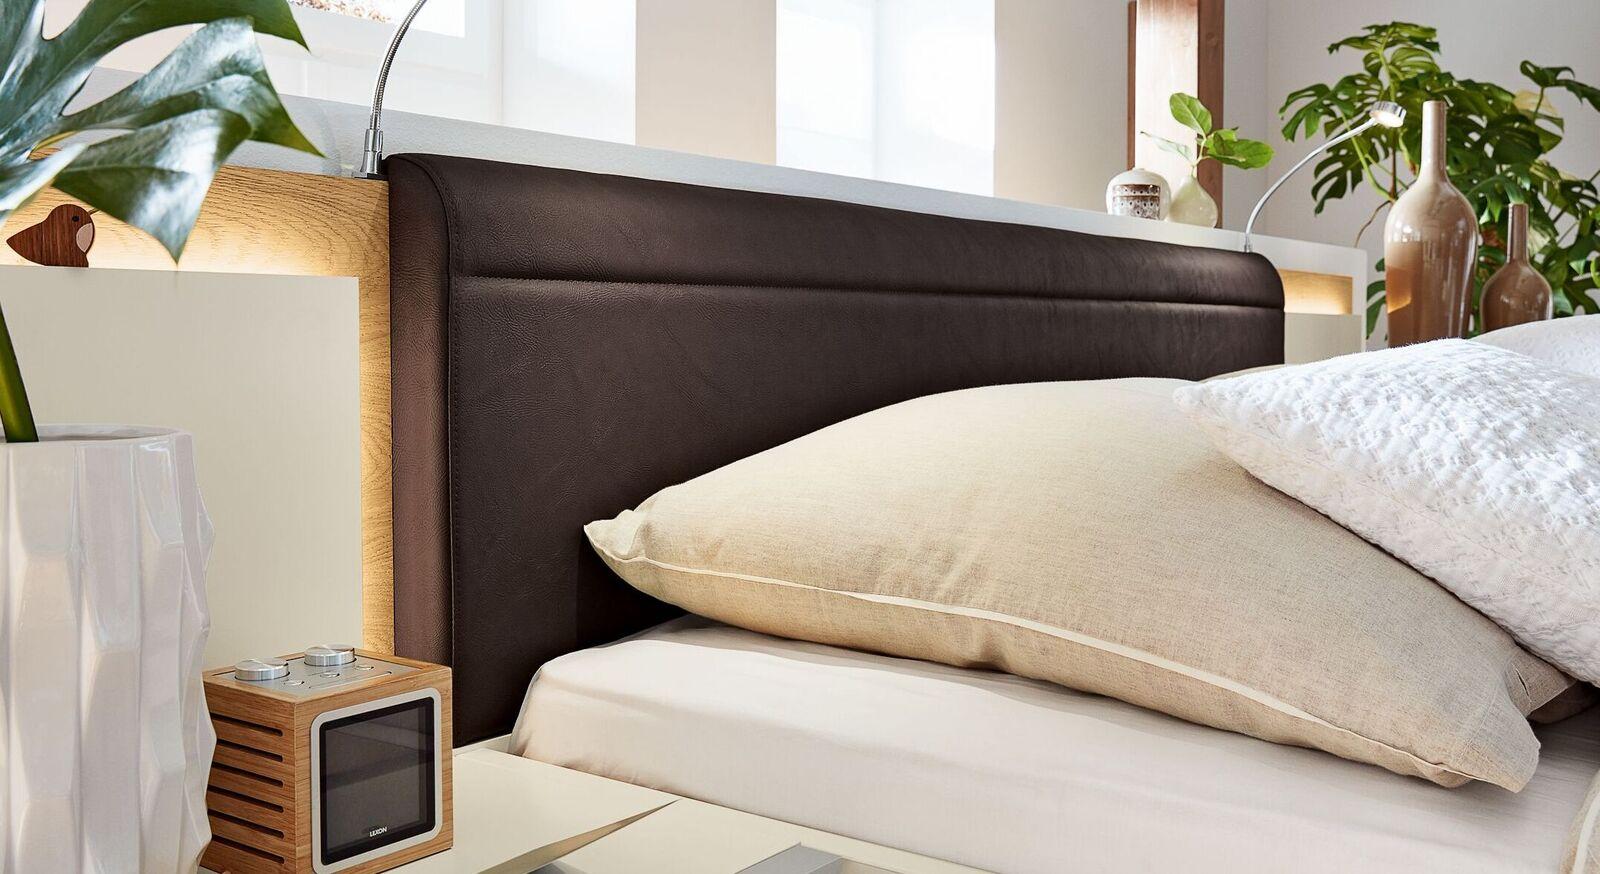 Musterring Bett Saphira Weiß mit Kunstleder-Kopfteil